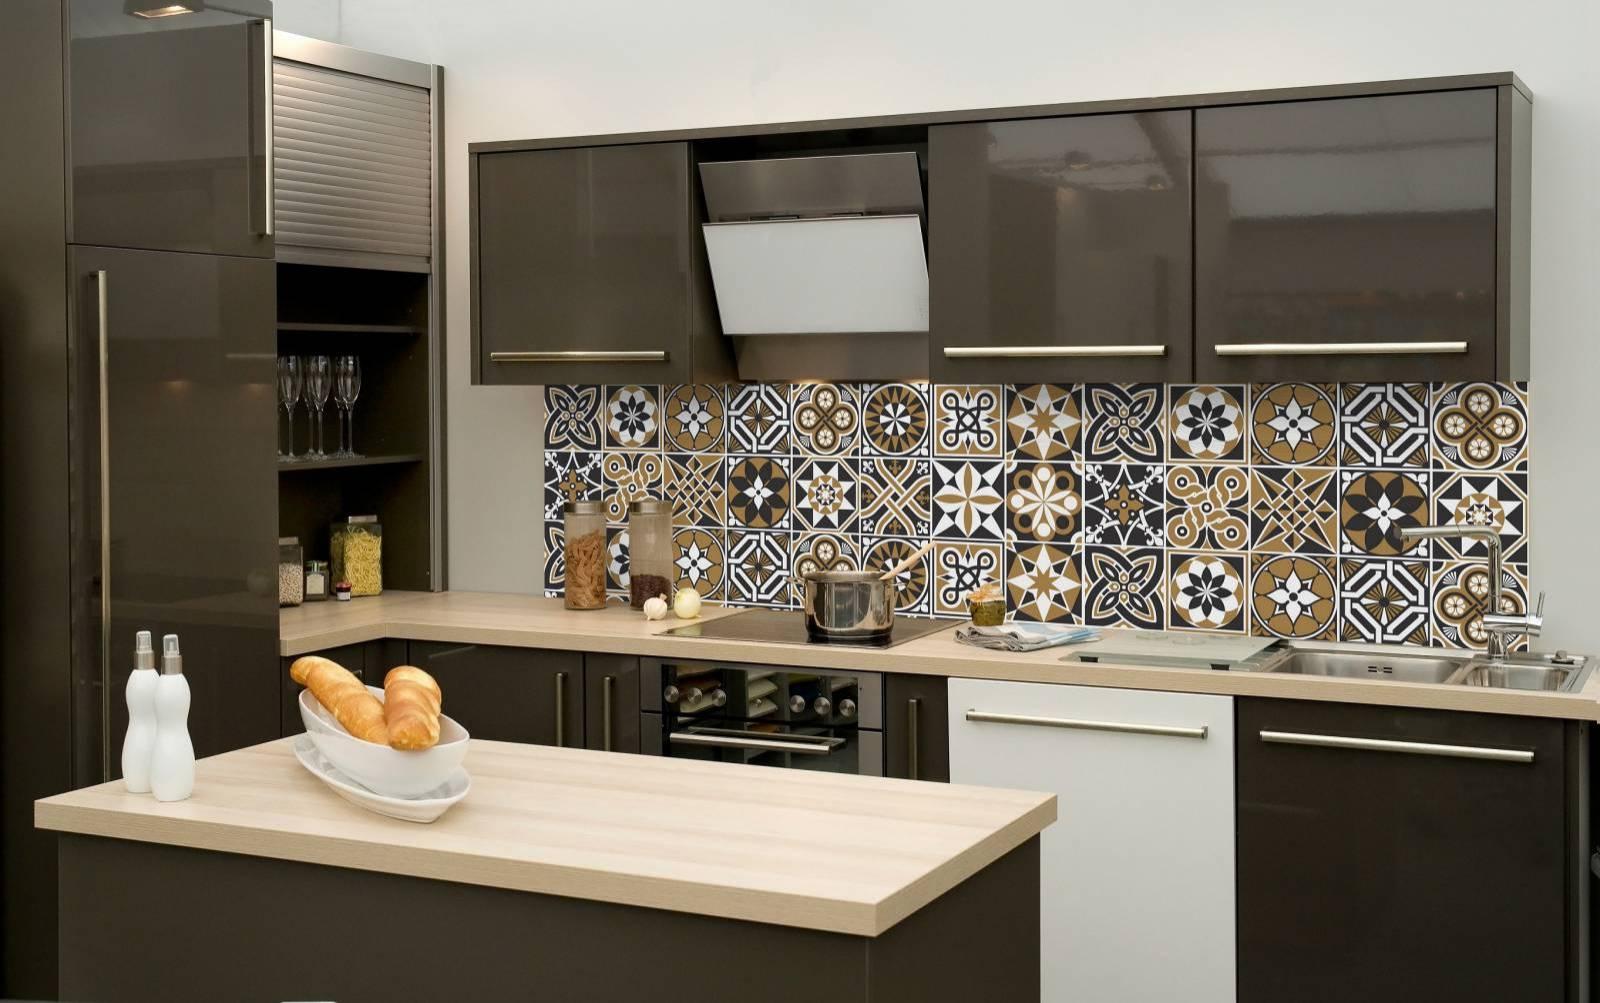 Redecorei > Adesivo de Azulejo > Cozinha / Banheiro #9F6E2C 1600x1003 Banheiro Com Adesivo De Azulejo